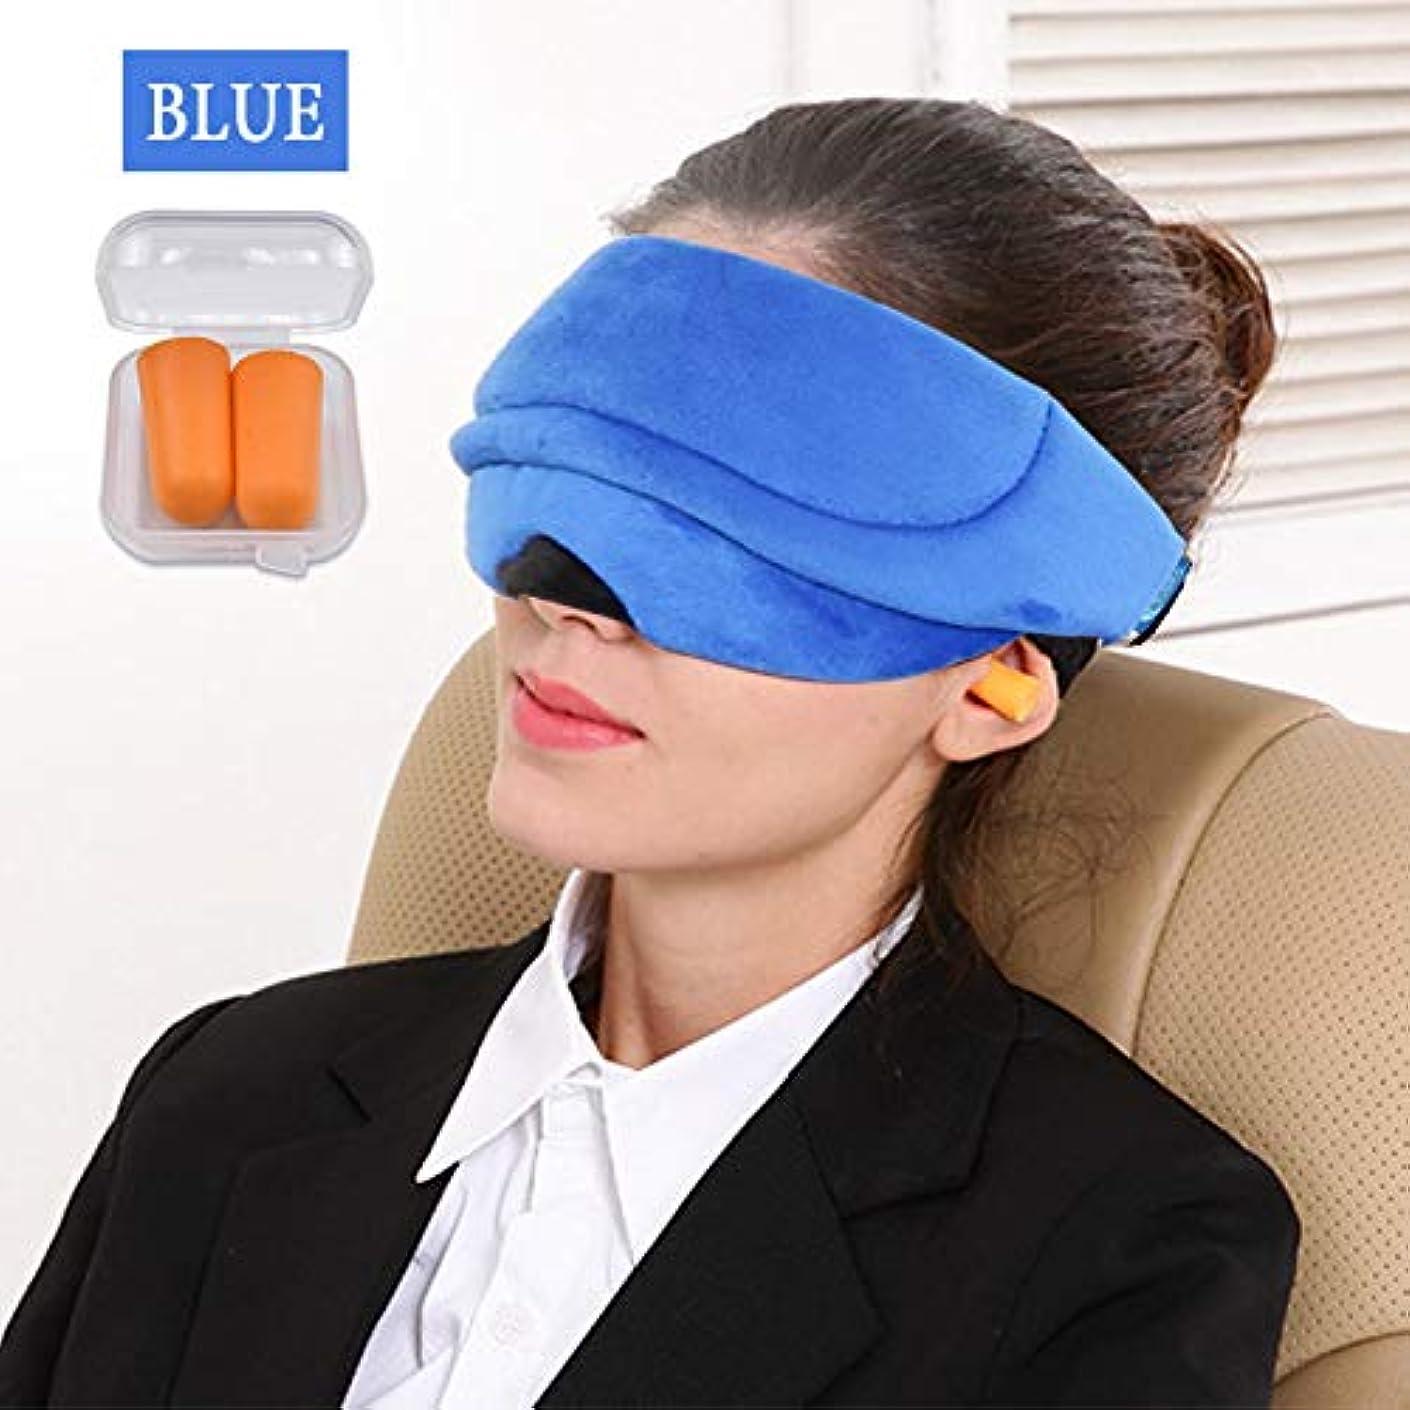 眠るステップ退院NOTE 3dナチュラルスリーピングアイマスク睡眠休息補助アイシェードソフト通気性アイパッチ包帯用夜間睡眠屋外旅行目隠し